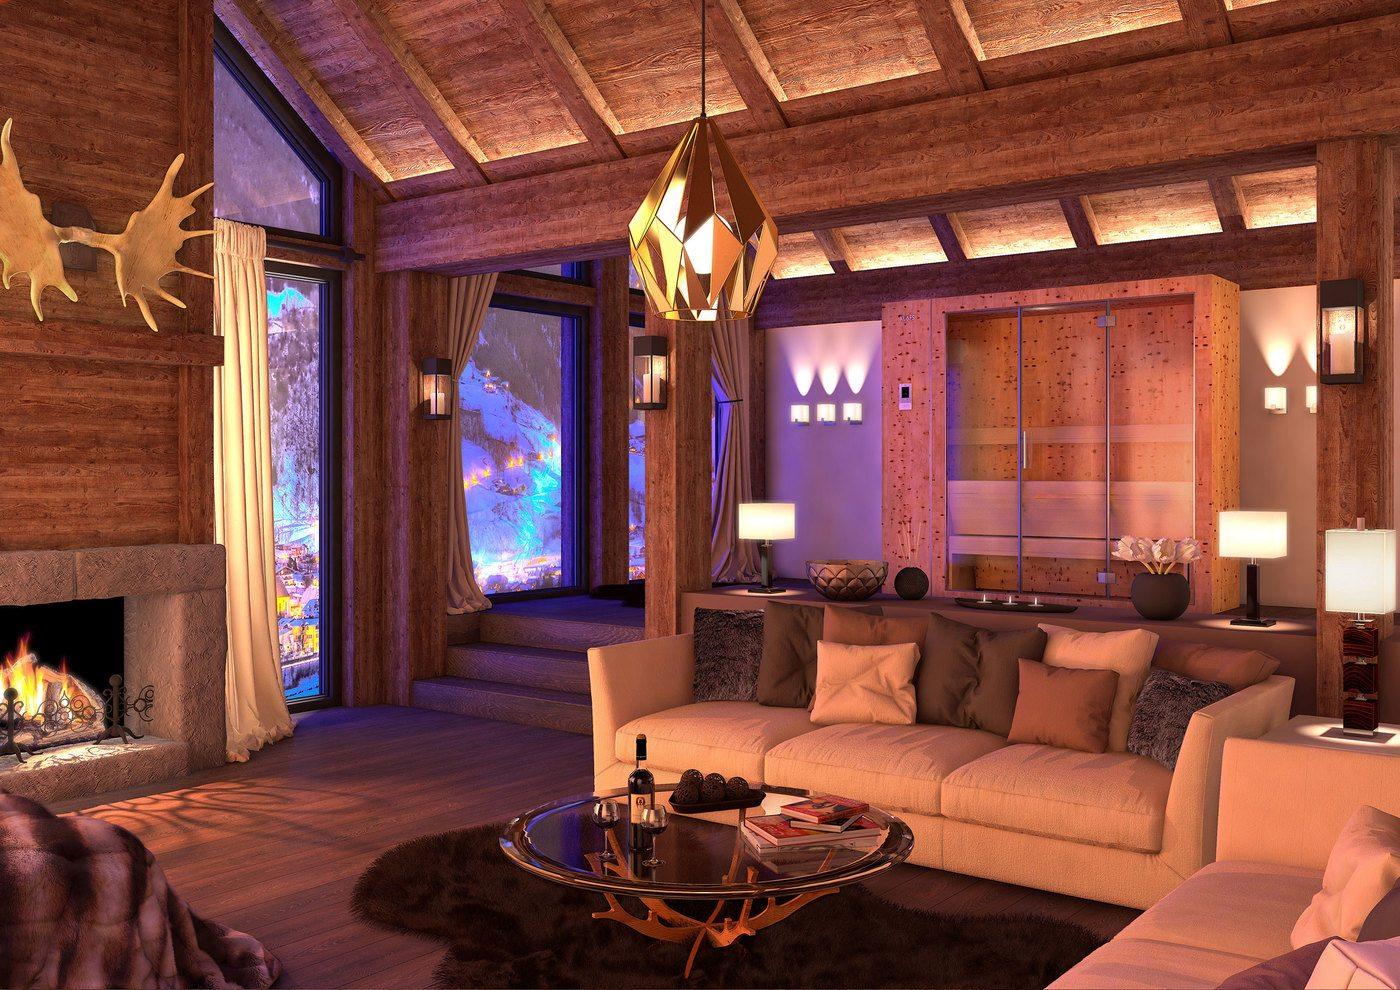 klafs sauna s1 si no tienes una sauna en casa es porque. Black Bedroom Furniture Sets. Home Design Ideas